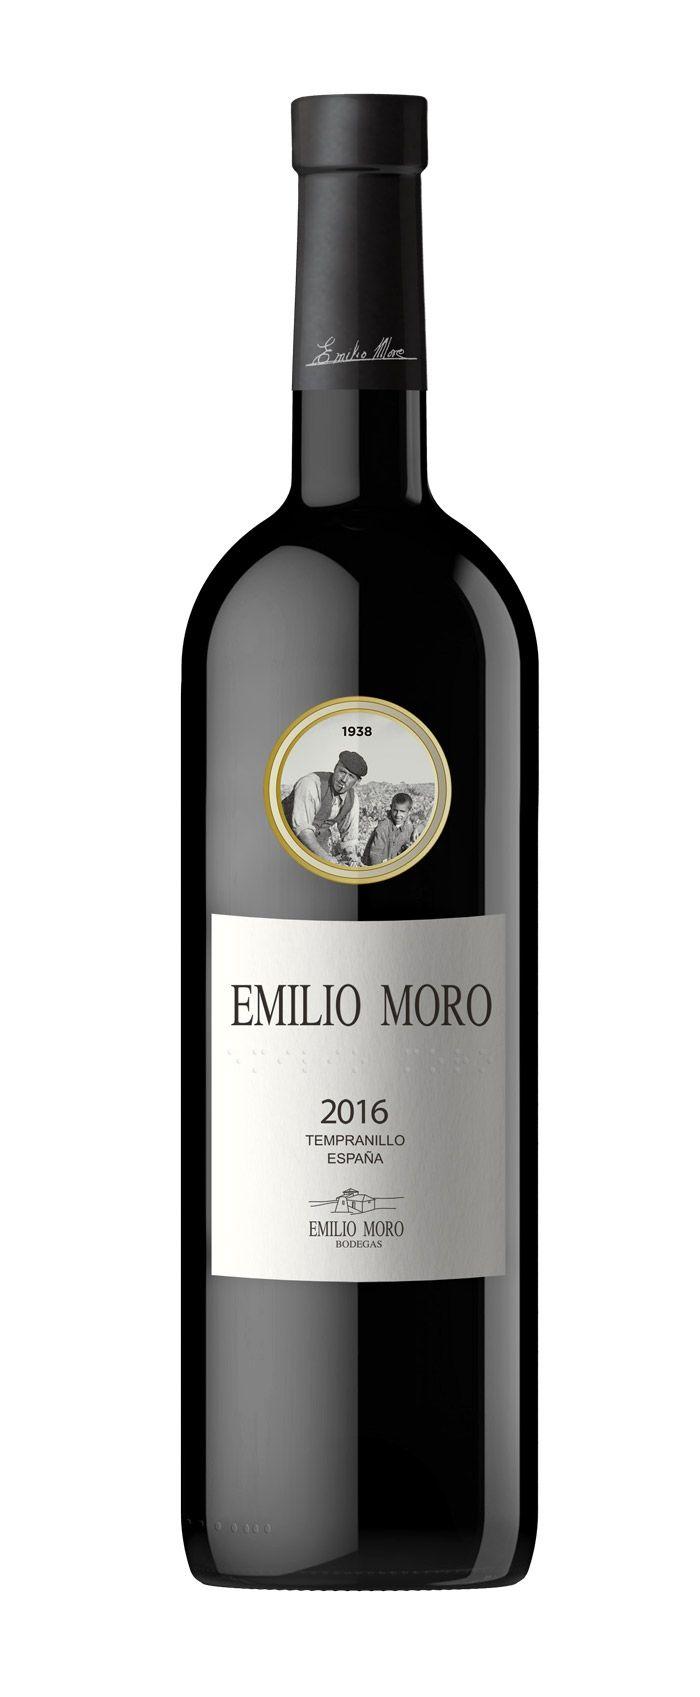 Si Lo Sabes Escuchar El Vino Te Habla La Historia De Bodegas Emilio Moro Vino Botellas De Vino Dibujos De Botellas